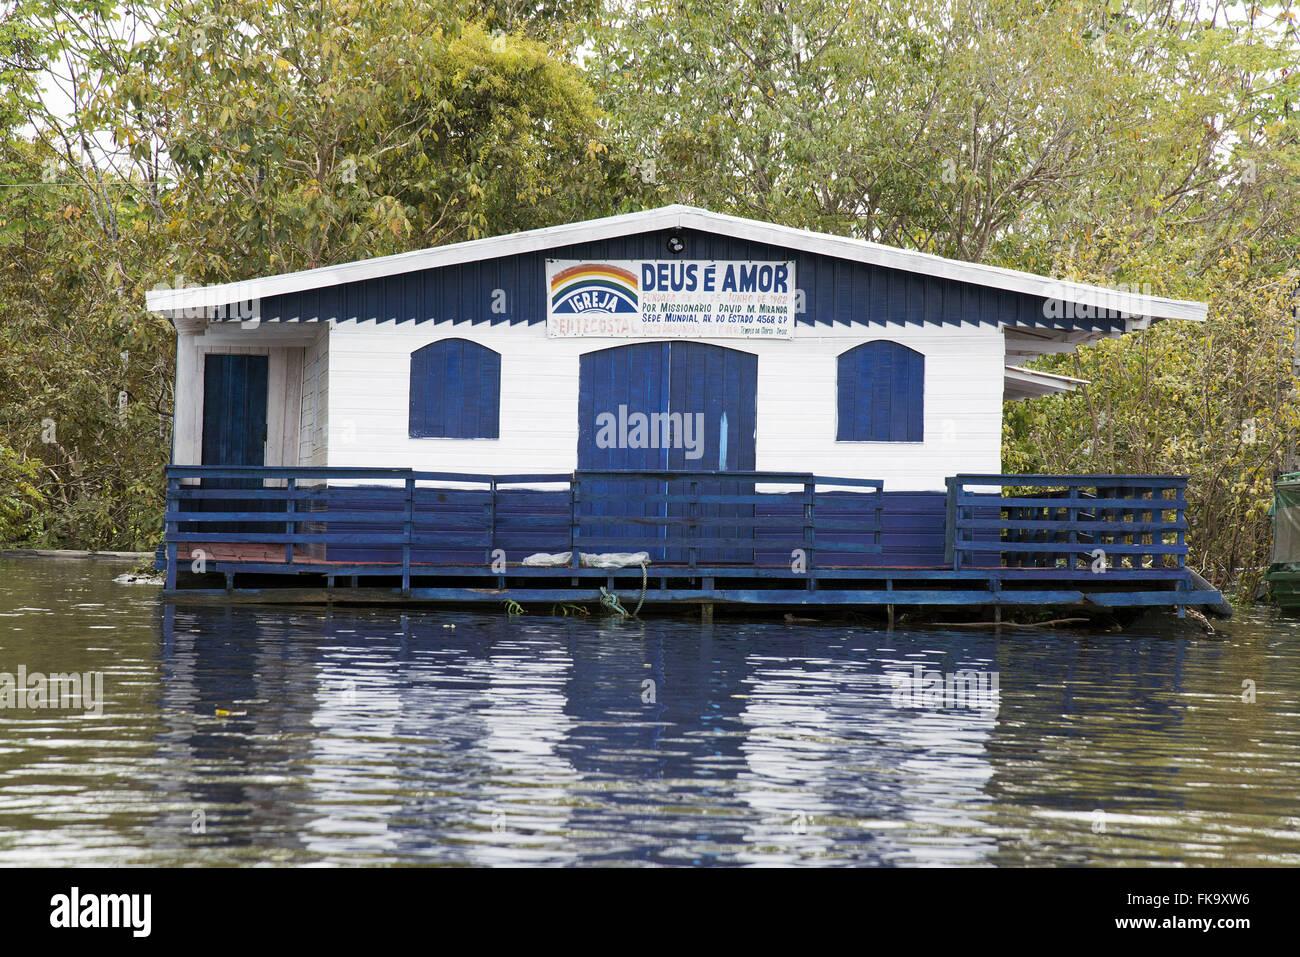 Igreja evangelica Deus É Amor sobrios palafita ningún río Negro durante cheia na Região do Lago Imagen De Stock